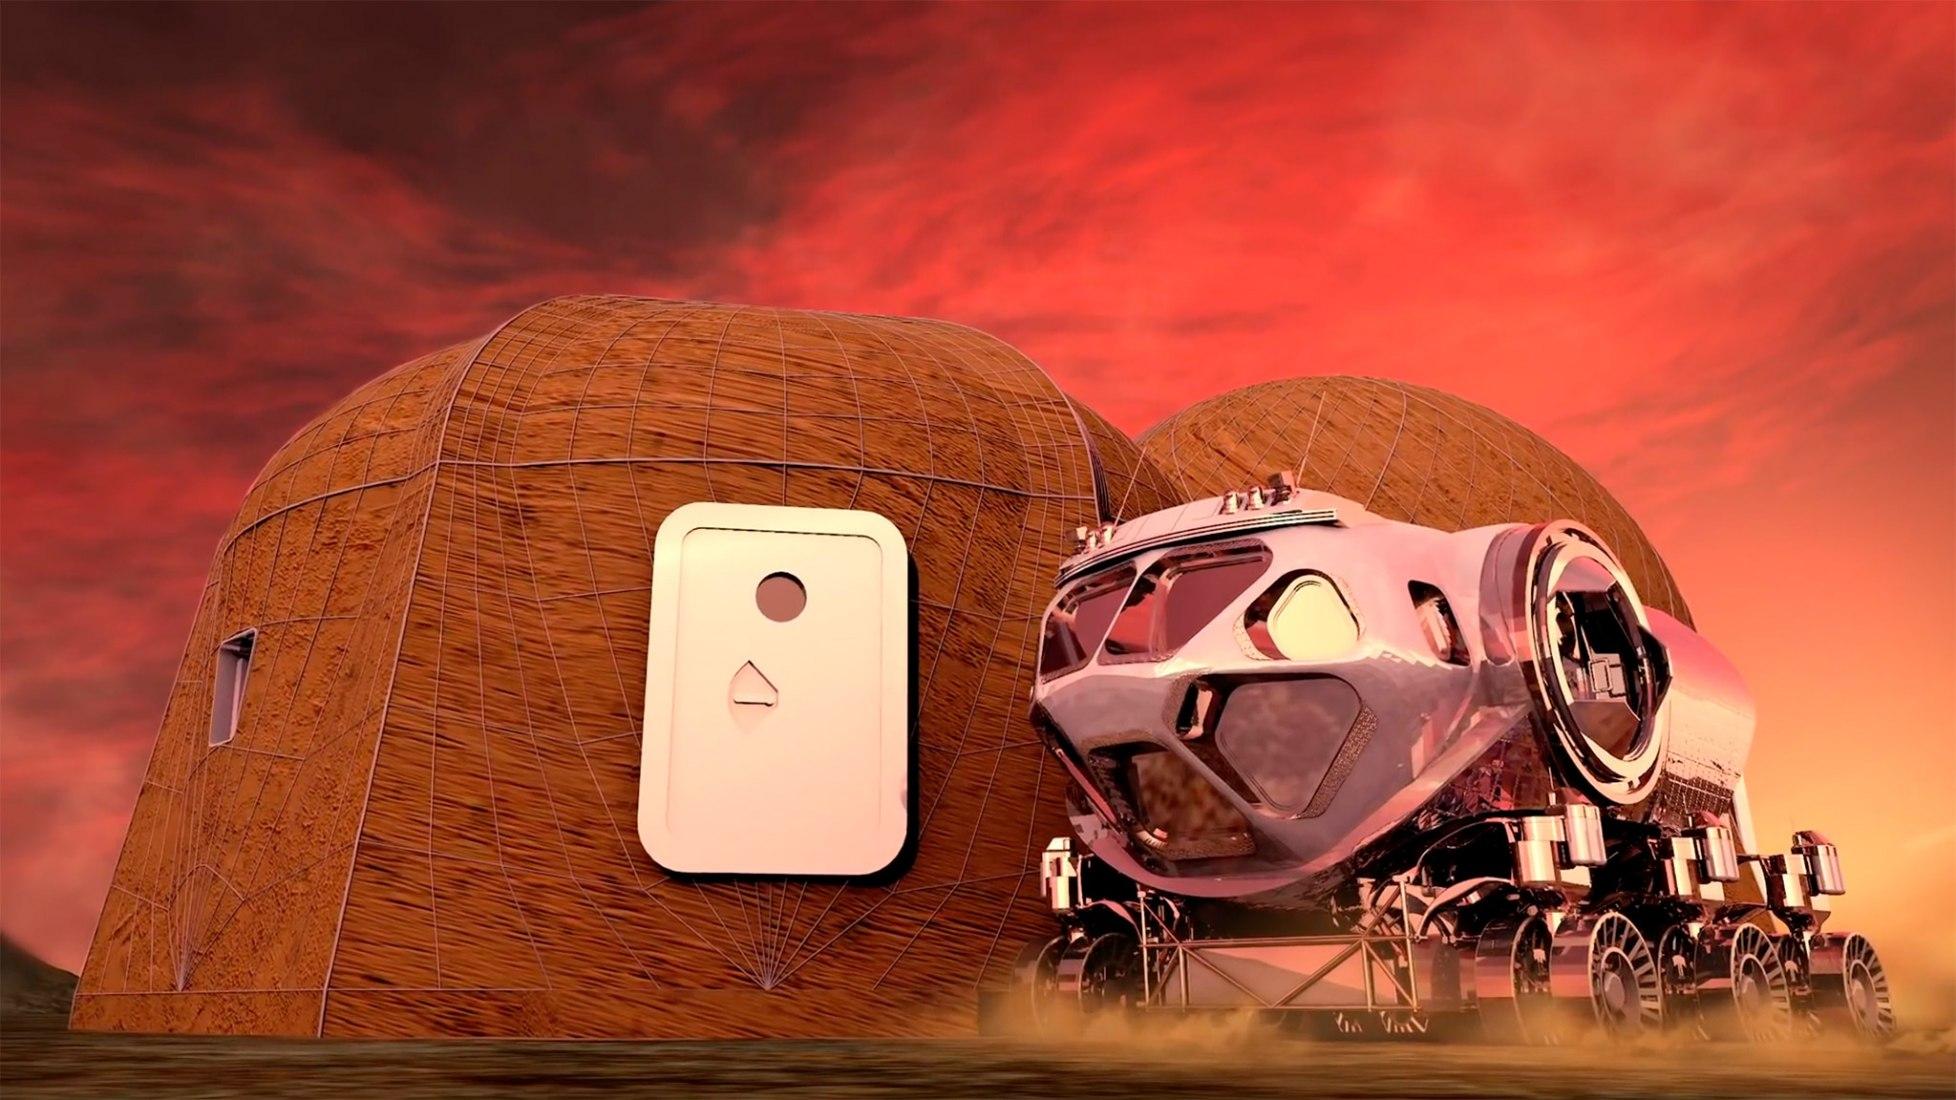 Equipo Zopherus de Rogers, Arkansas, es el ganador del 3D-Printed Habitat Challenge de la NASA, fase 3: concurso de nivel 1.